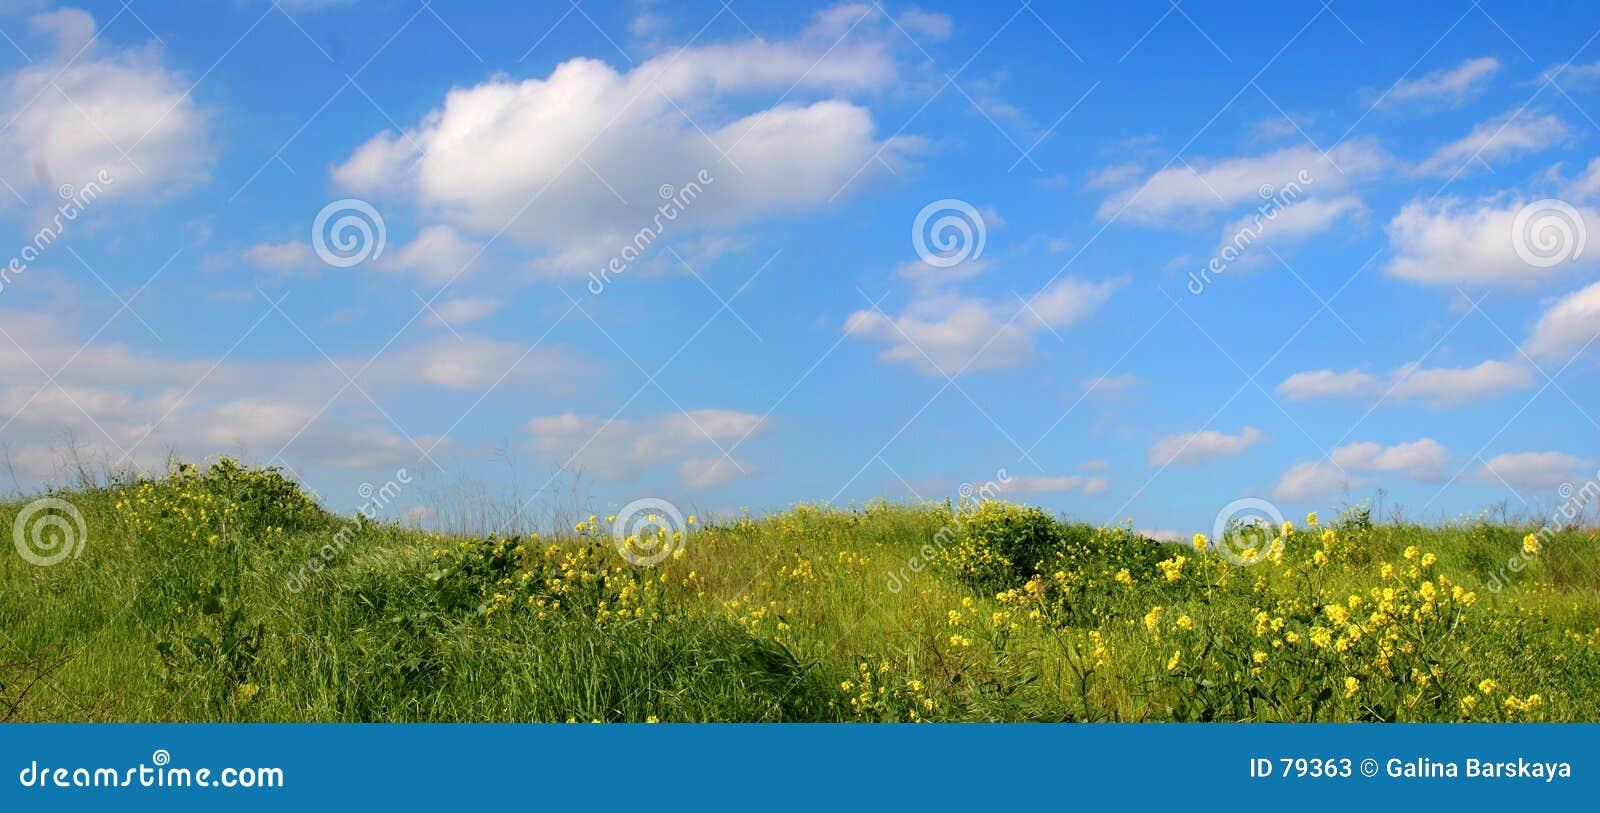 Hintergrund des Himmels und des Grases